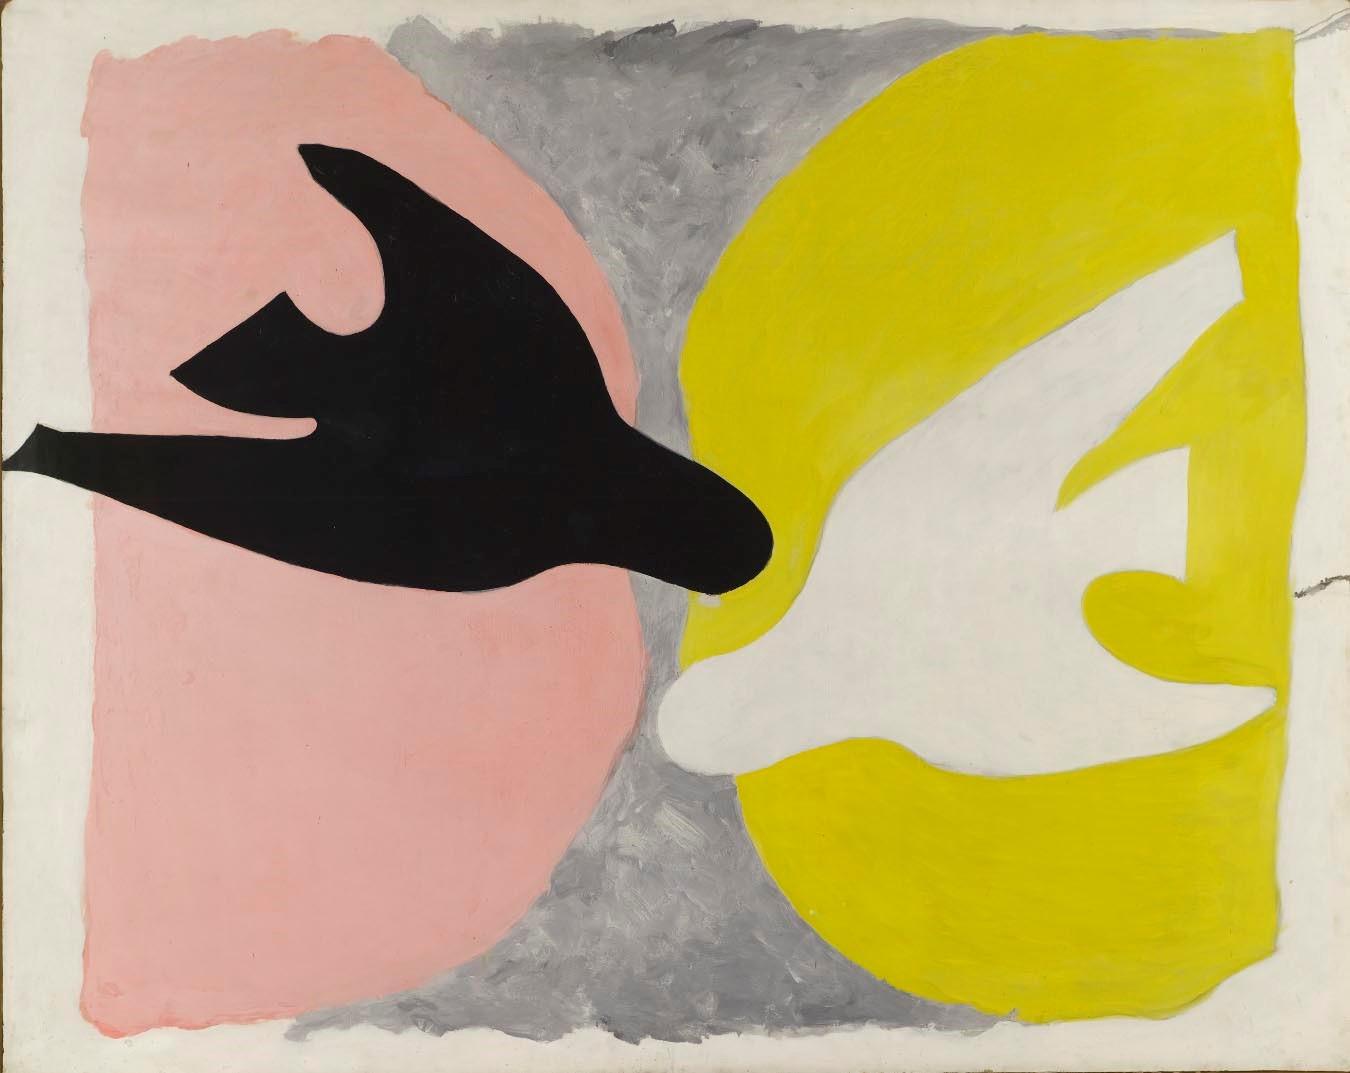 Braque - L'oiseau noir et l'oiseau blanc APPROVED 11.8